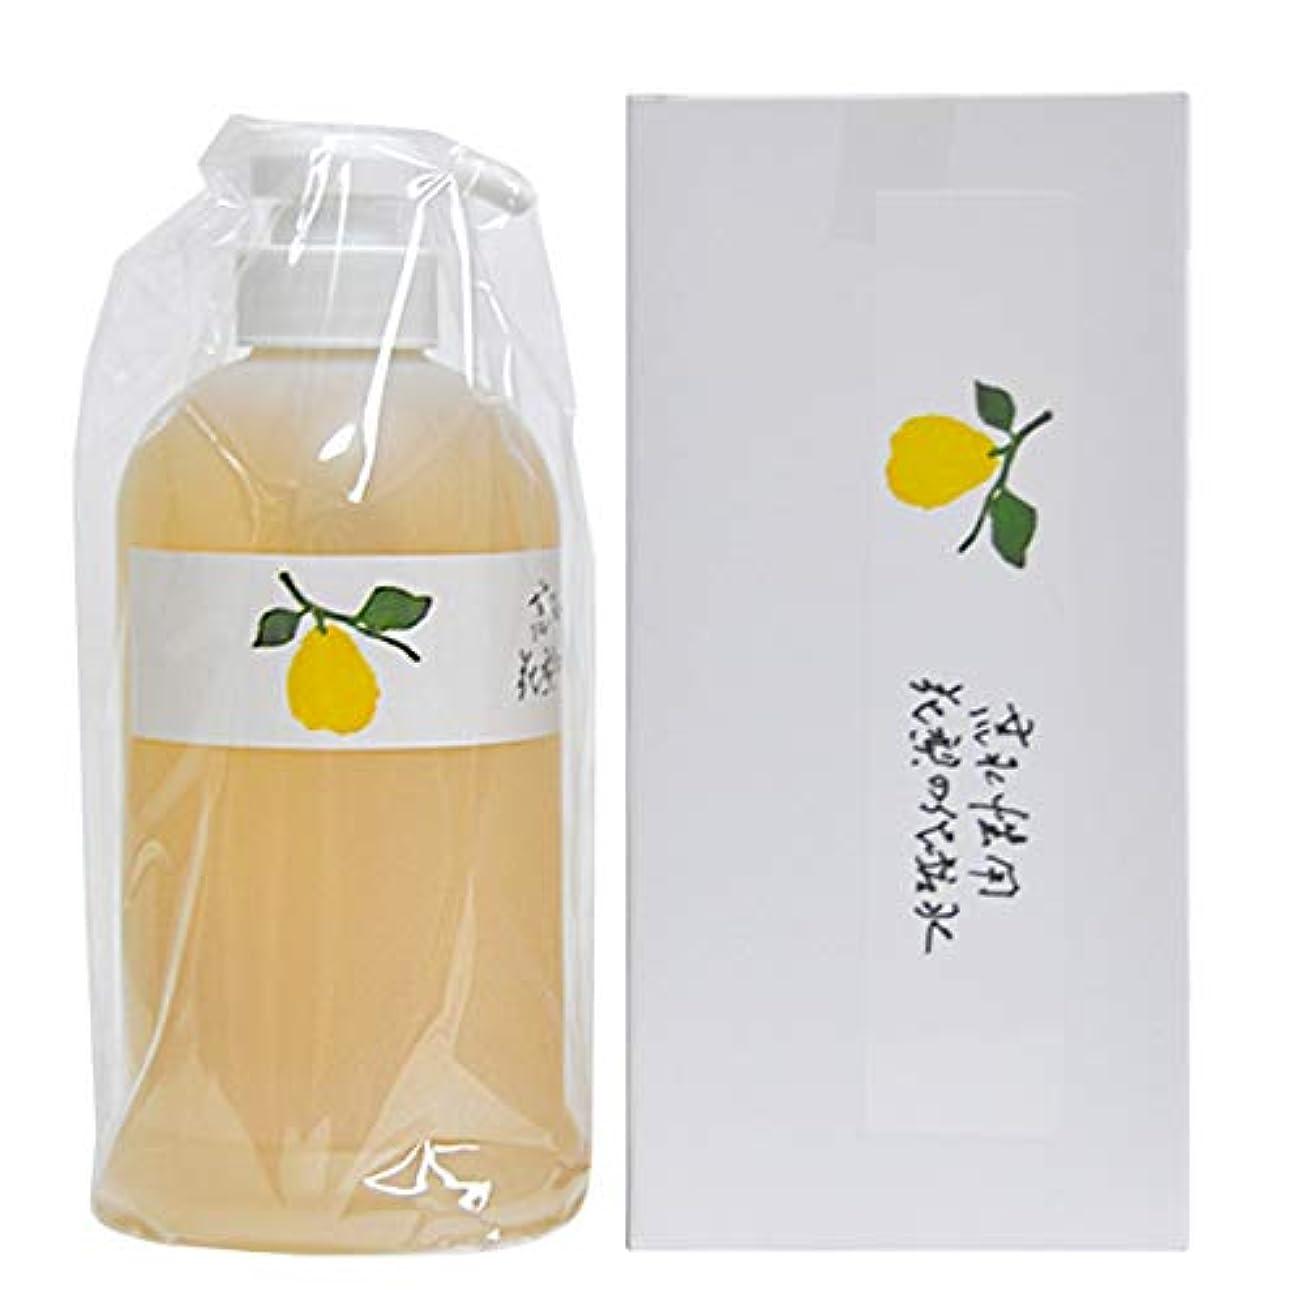 マント木材再び花梨の化粧水 お徳用ホームサイズ 630ml